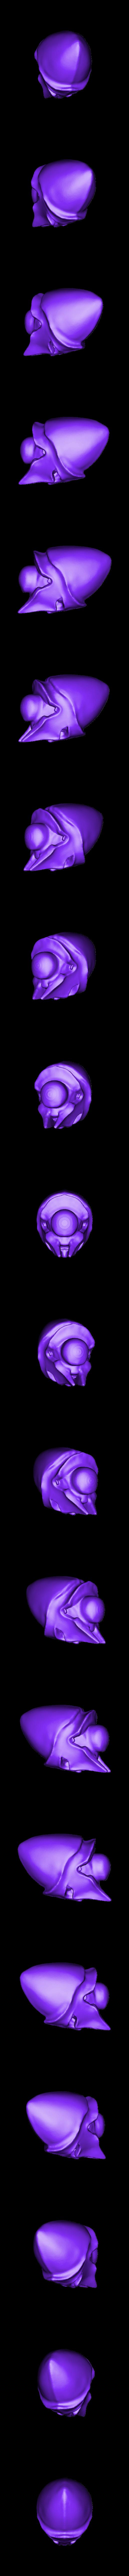 head_v7.stl Télécharger fichier STL gratuit Infatrie des elfes / Miniatures des lanciers • Plan imprimable en 3D, Ilhadiel